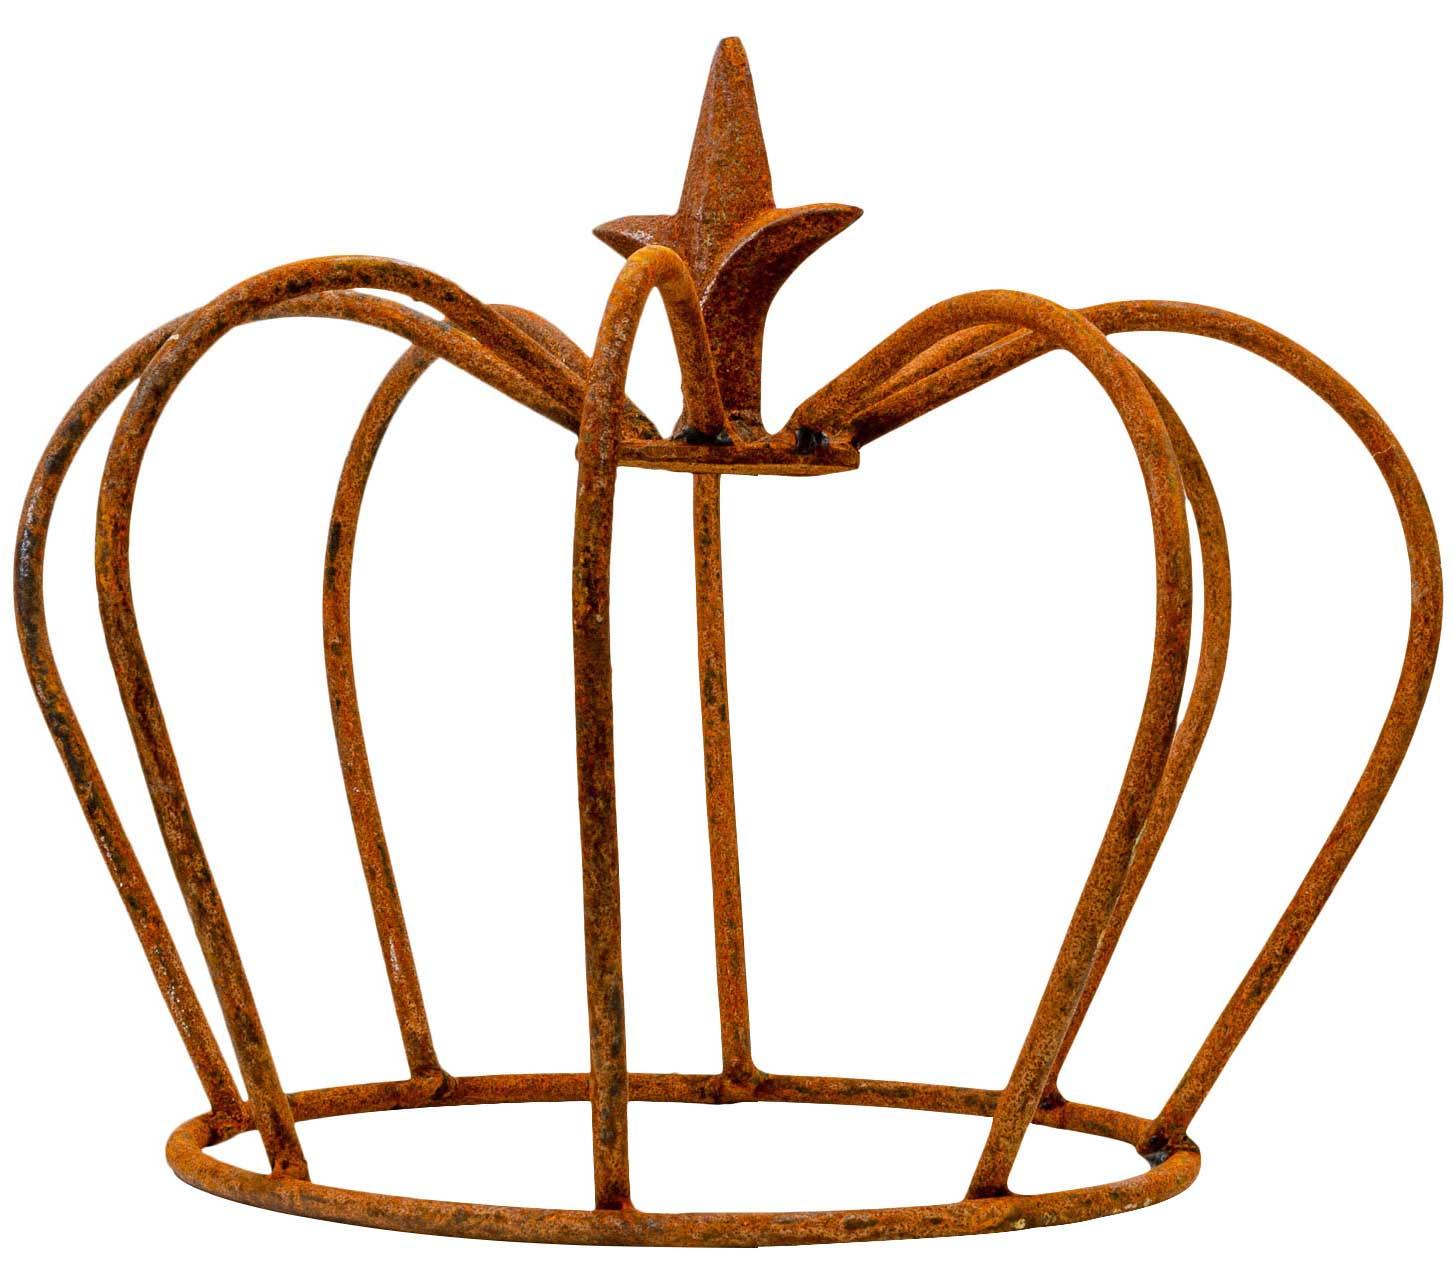 Gartendeko Eisen Inspirierend Crown Iron Lily Garden Decoration Rust Antique Style 24cm